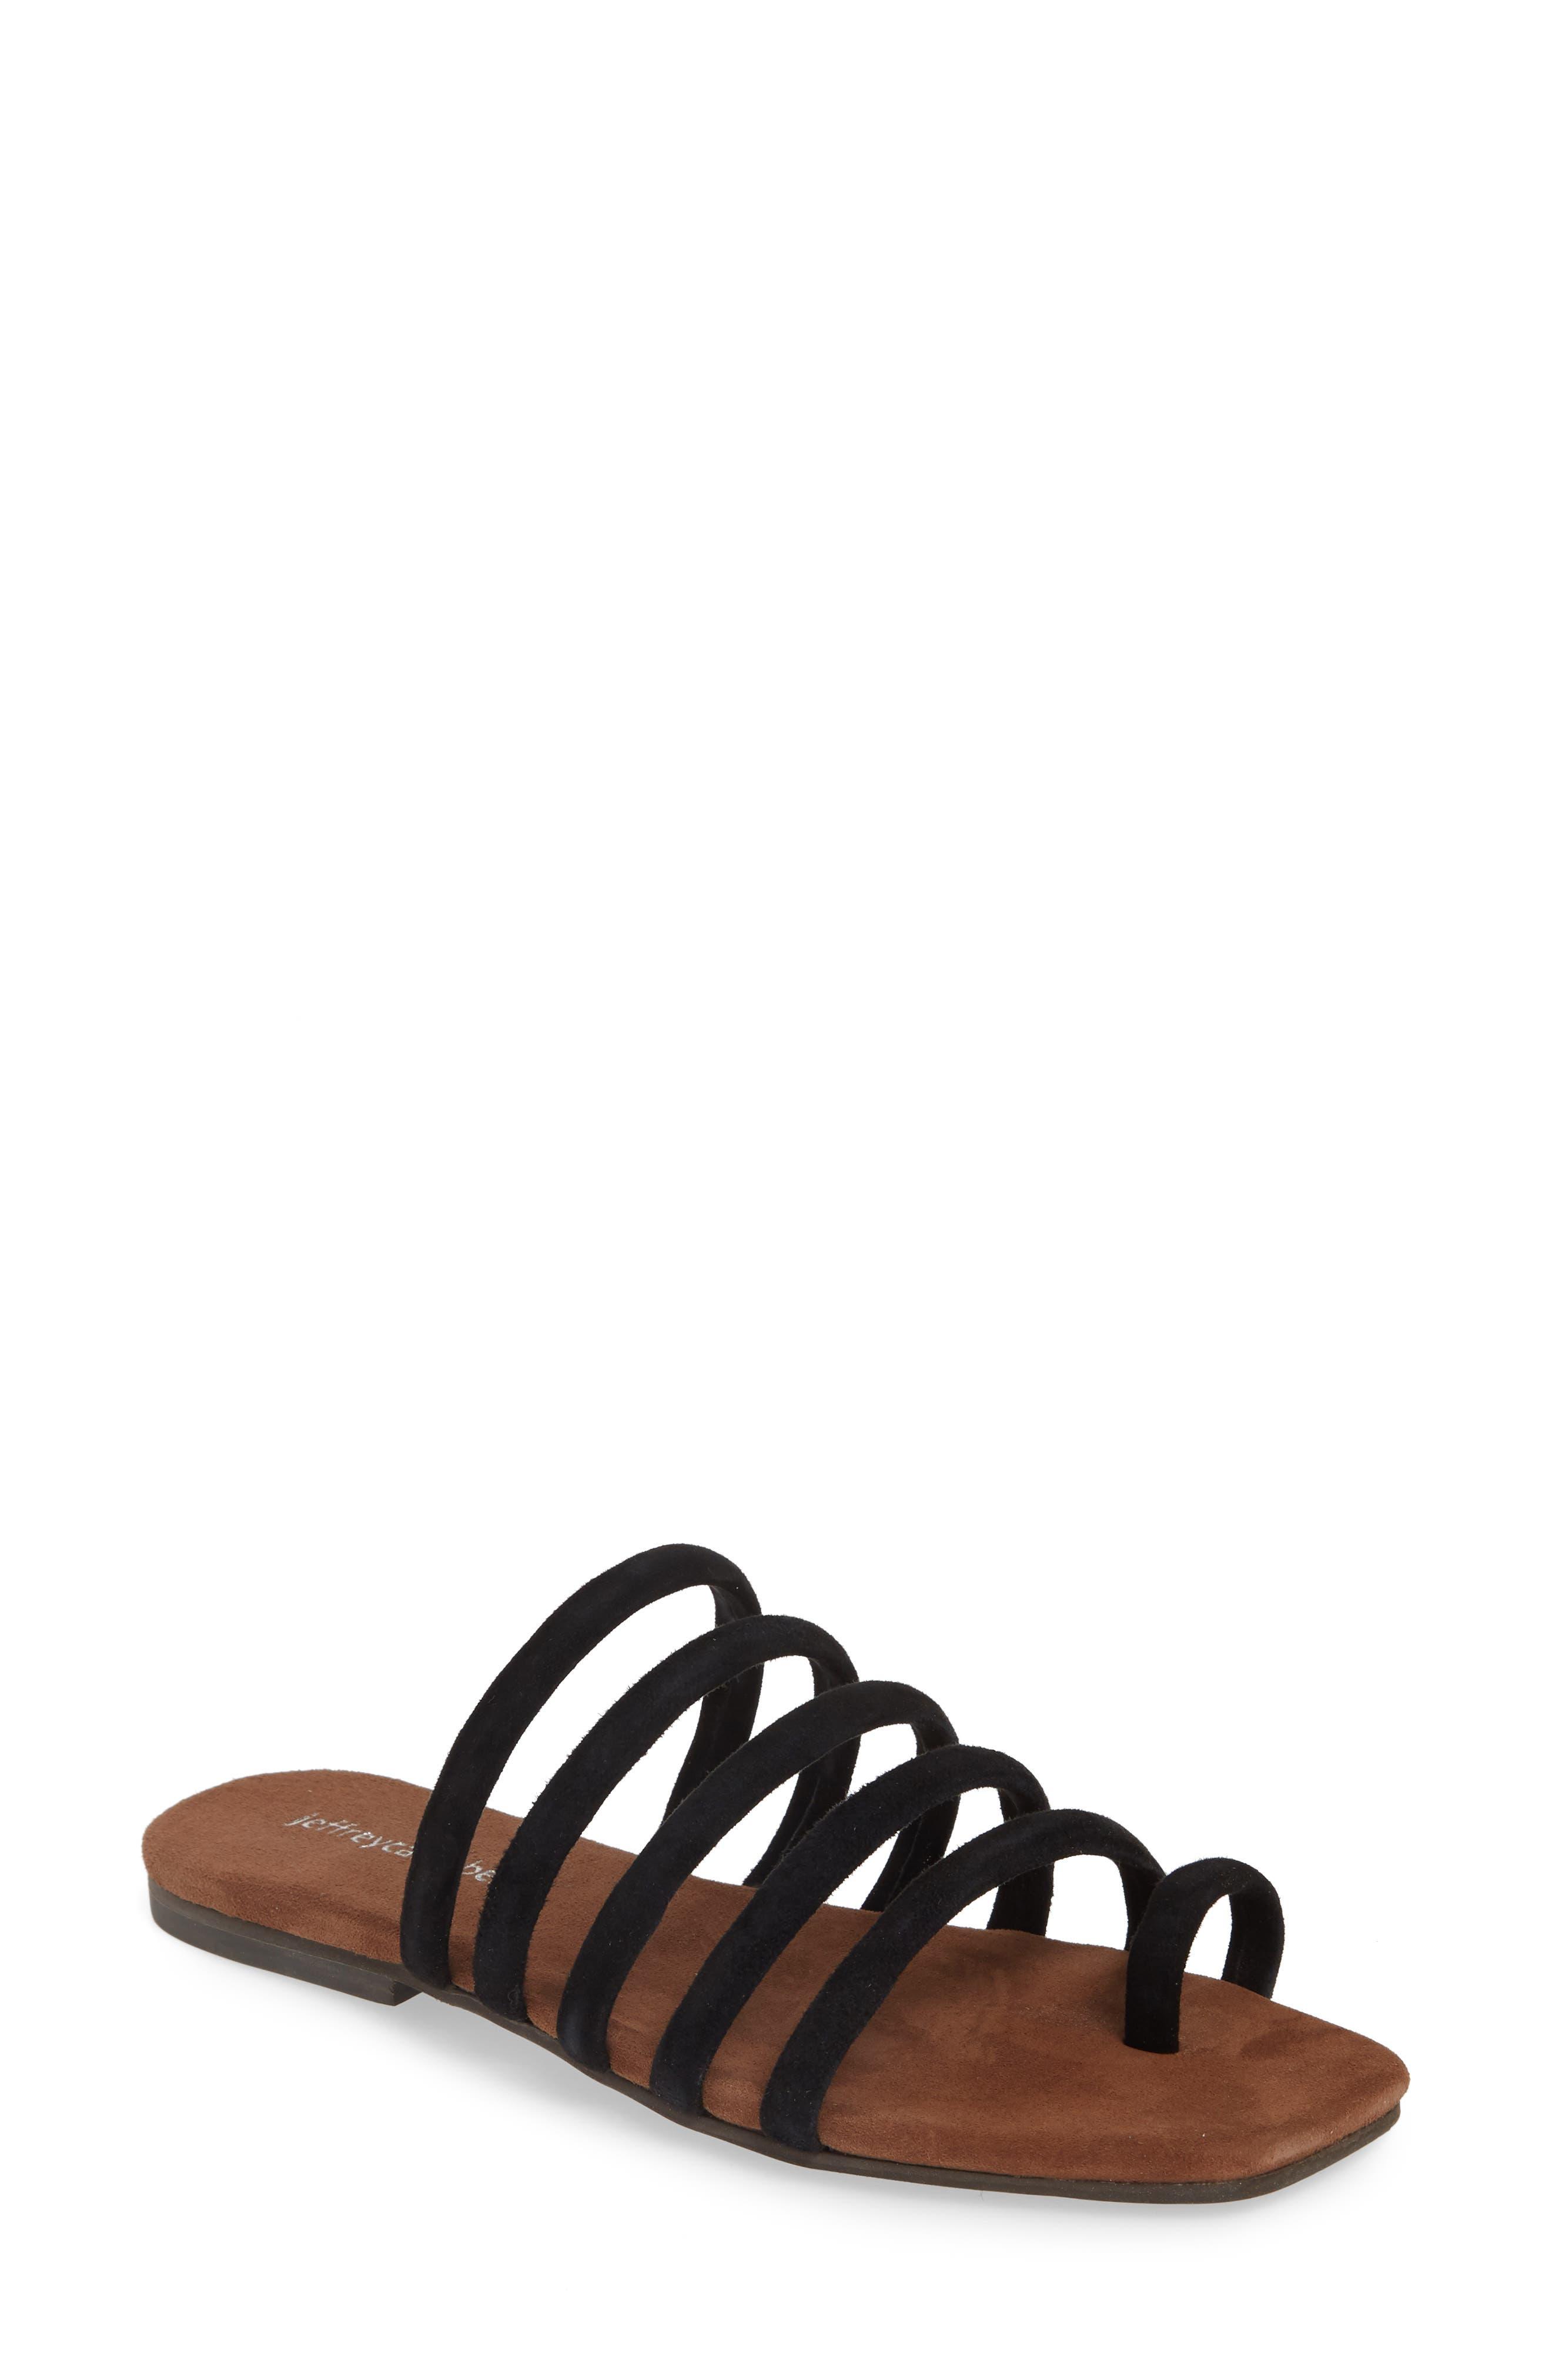 JEFFREY CAMPBELL Coniper Slide Sandal, Main, color, BLACK SUEDE